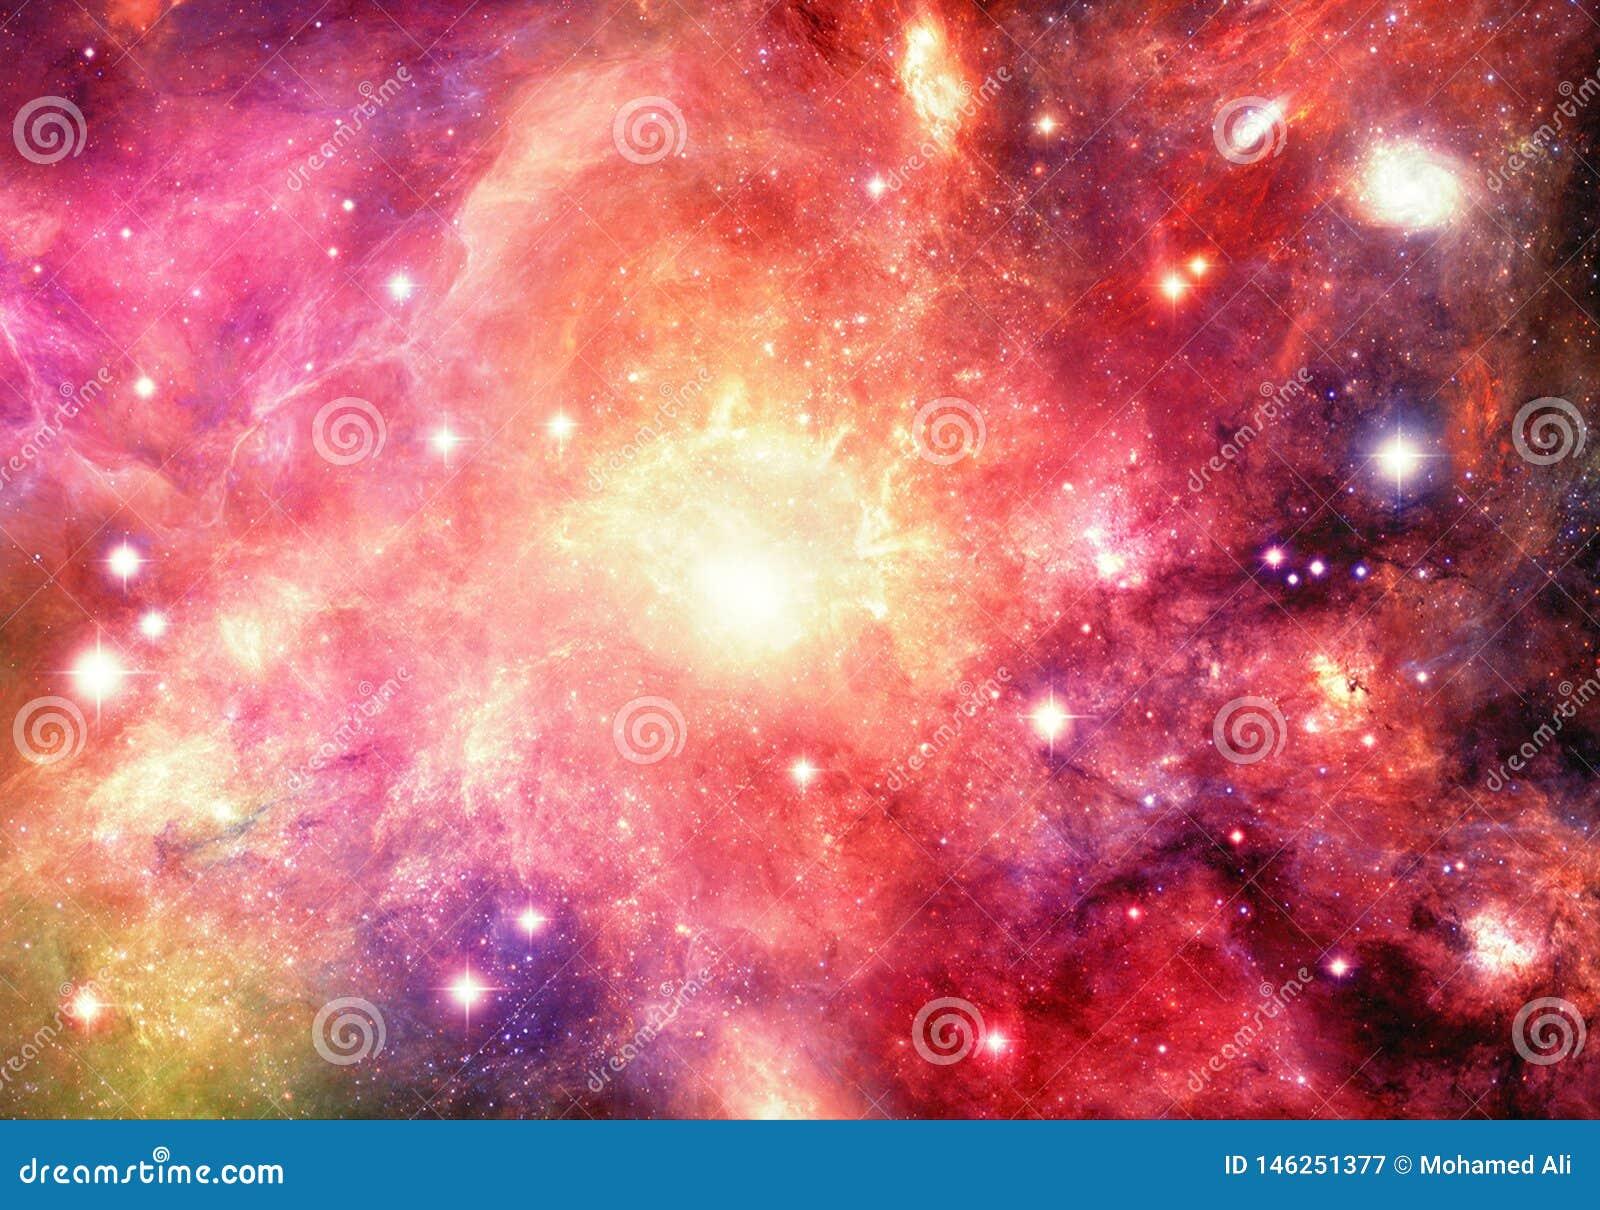 Galaxia multicolora de la nebulosa del extracto artístico que brilla intensamente en ilustraciones del espacio profundo